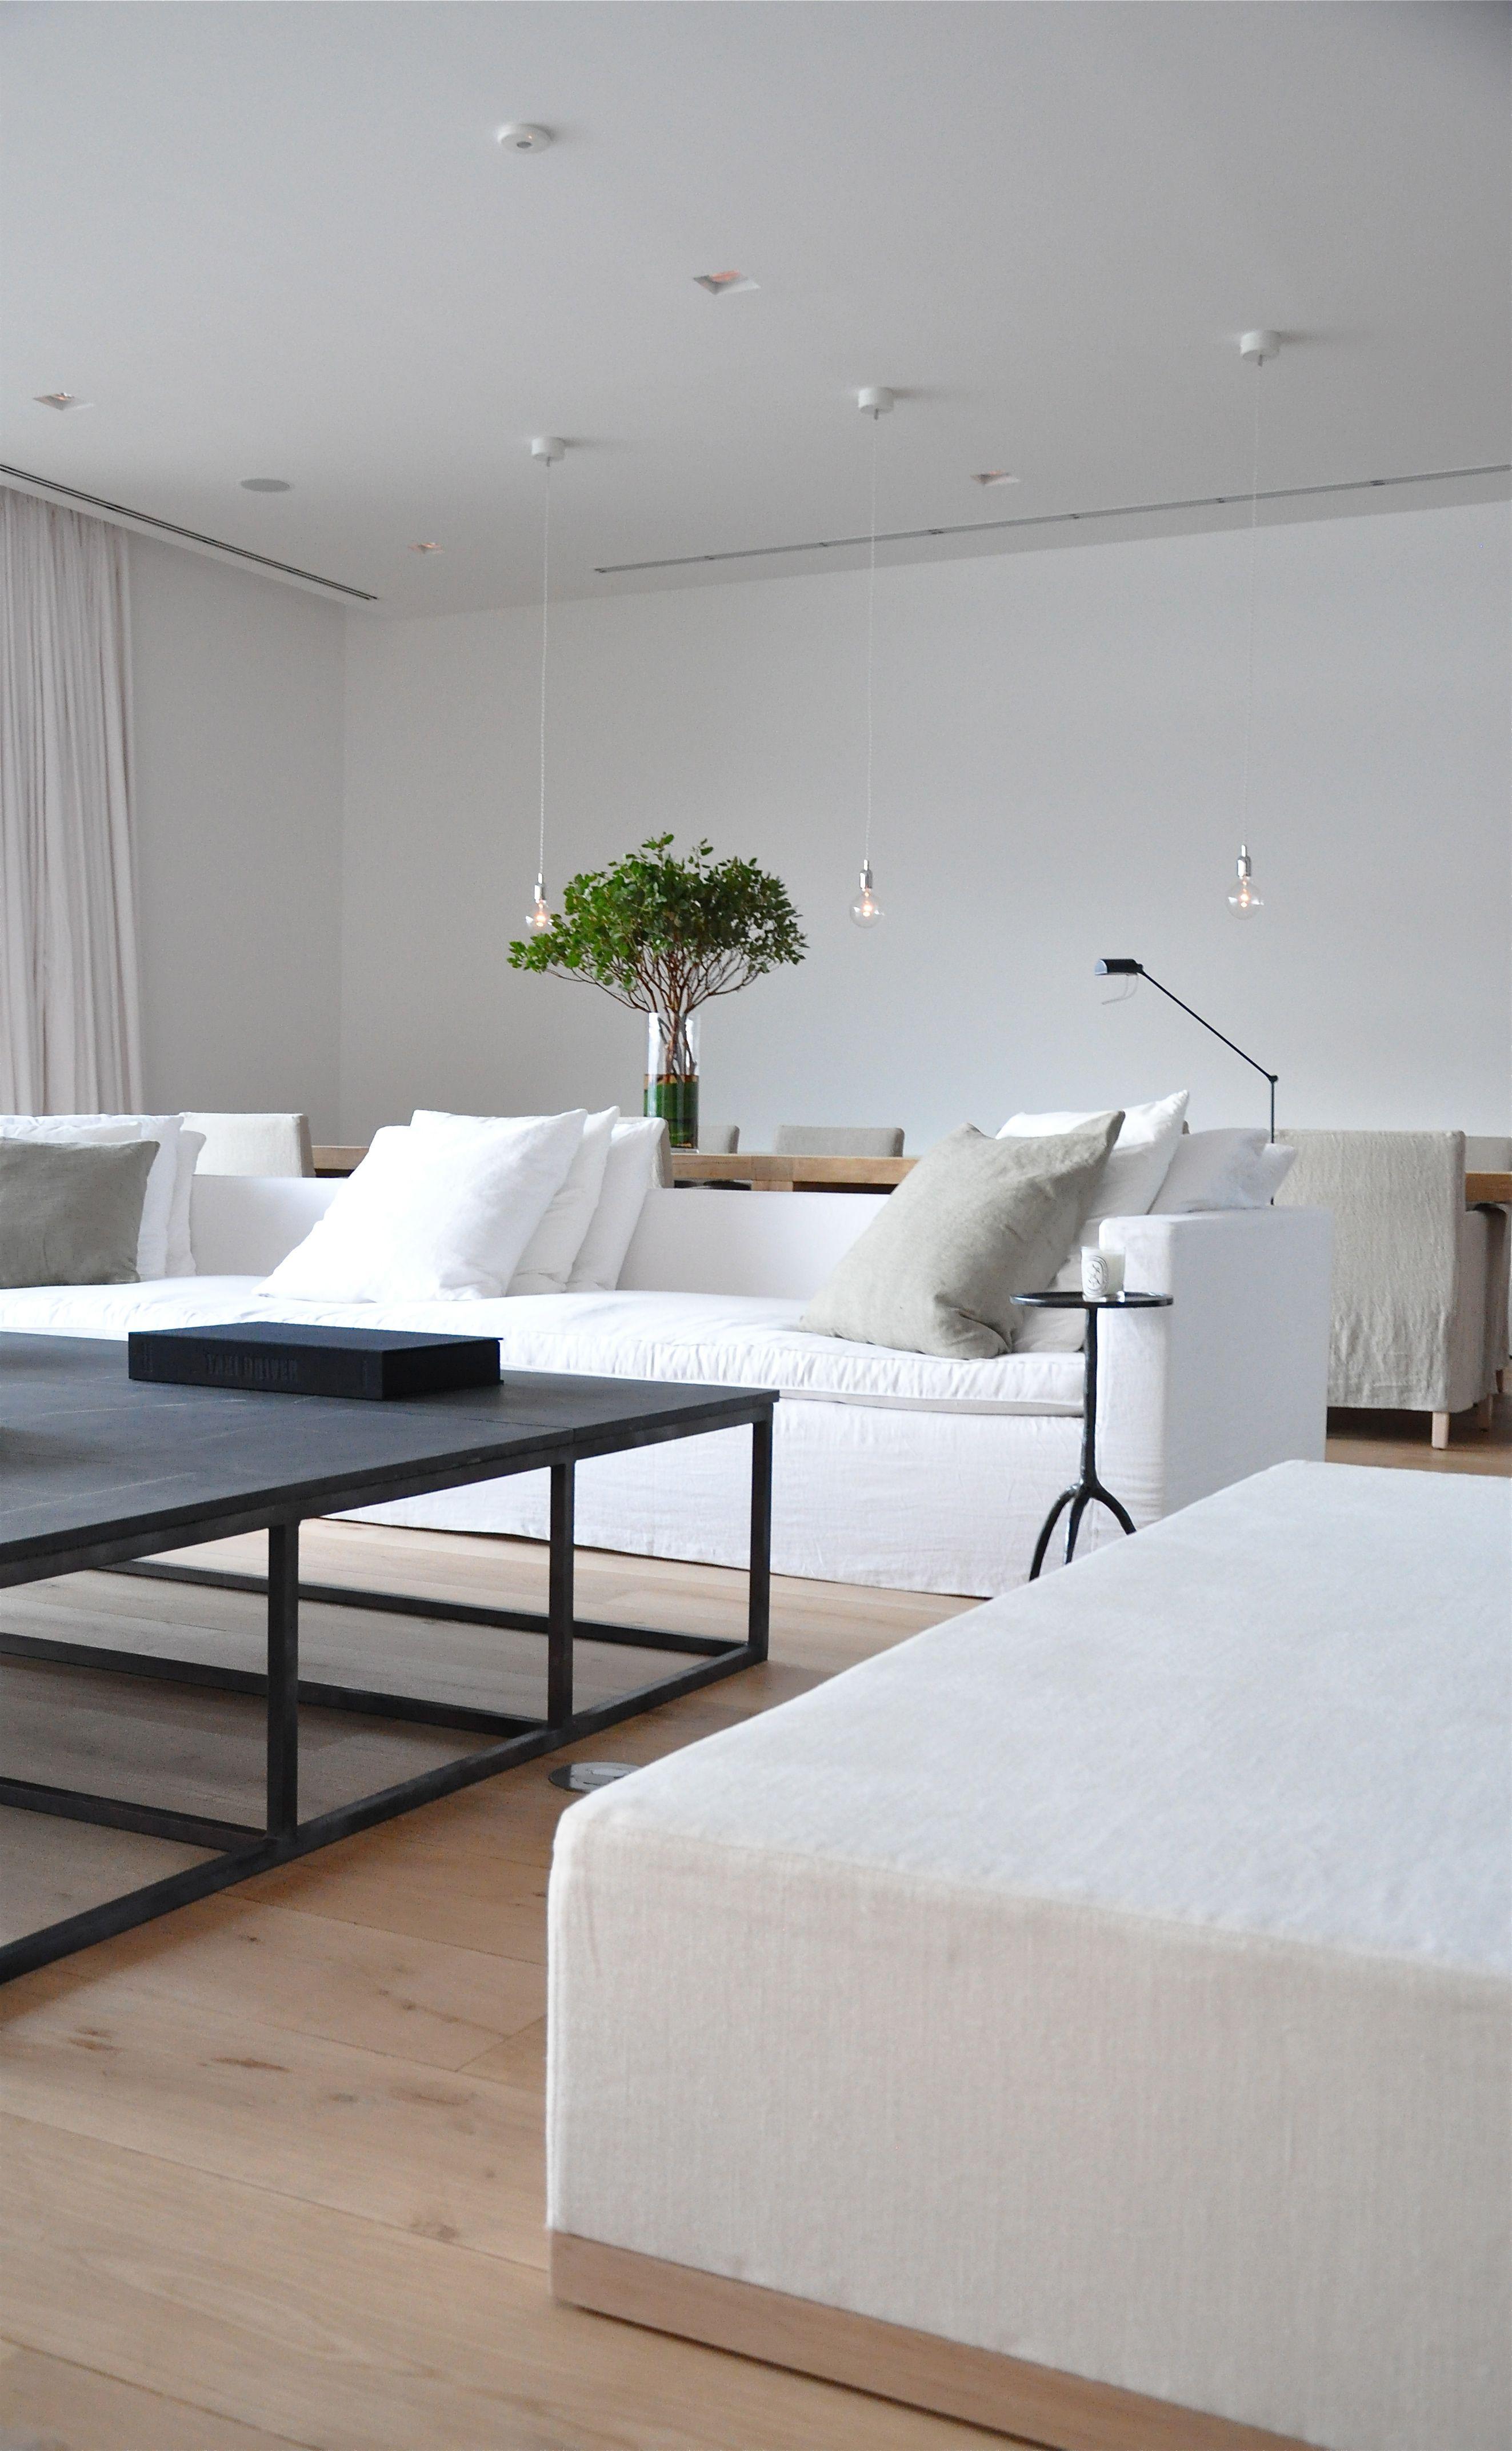 Innenarchitektur wohnzimmerfarbe briggs edward solomon  miami  home  pinterest  wohnzimmer haus